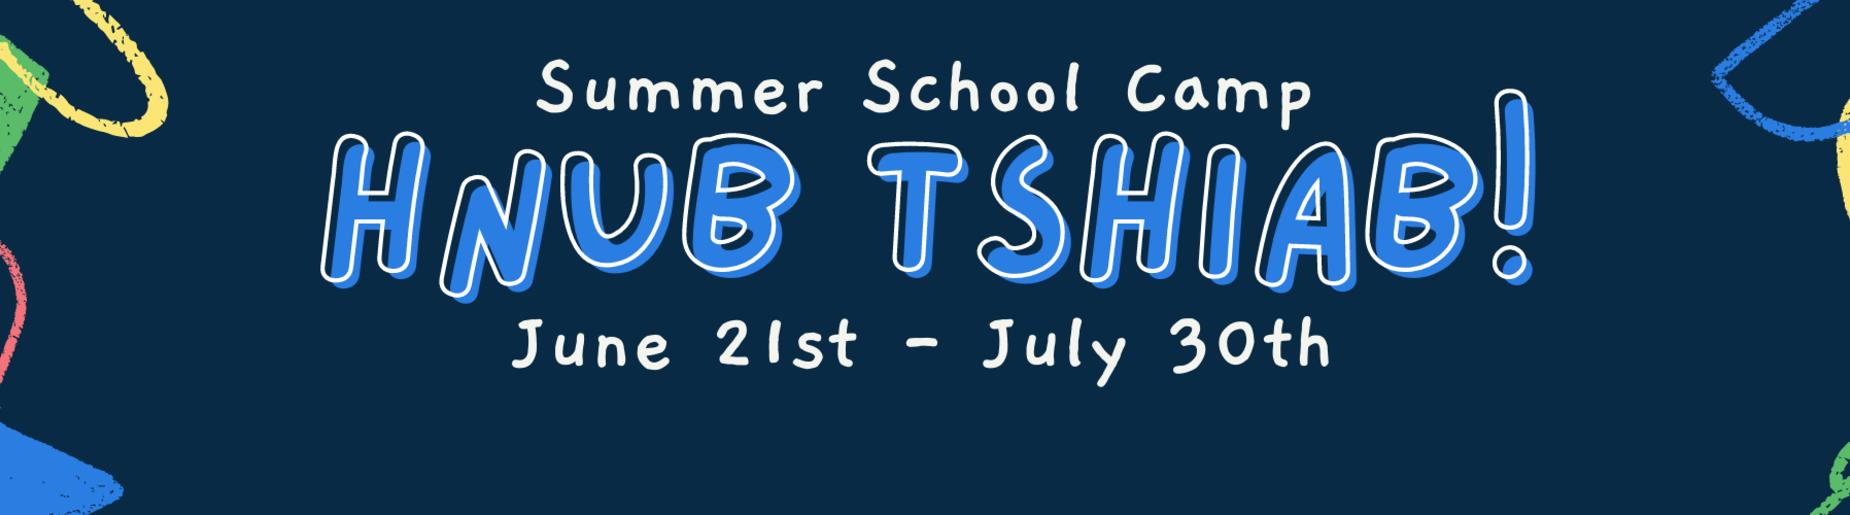 Hnub Tshiab Summer School Camp Flyer